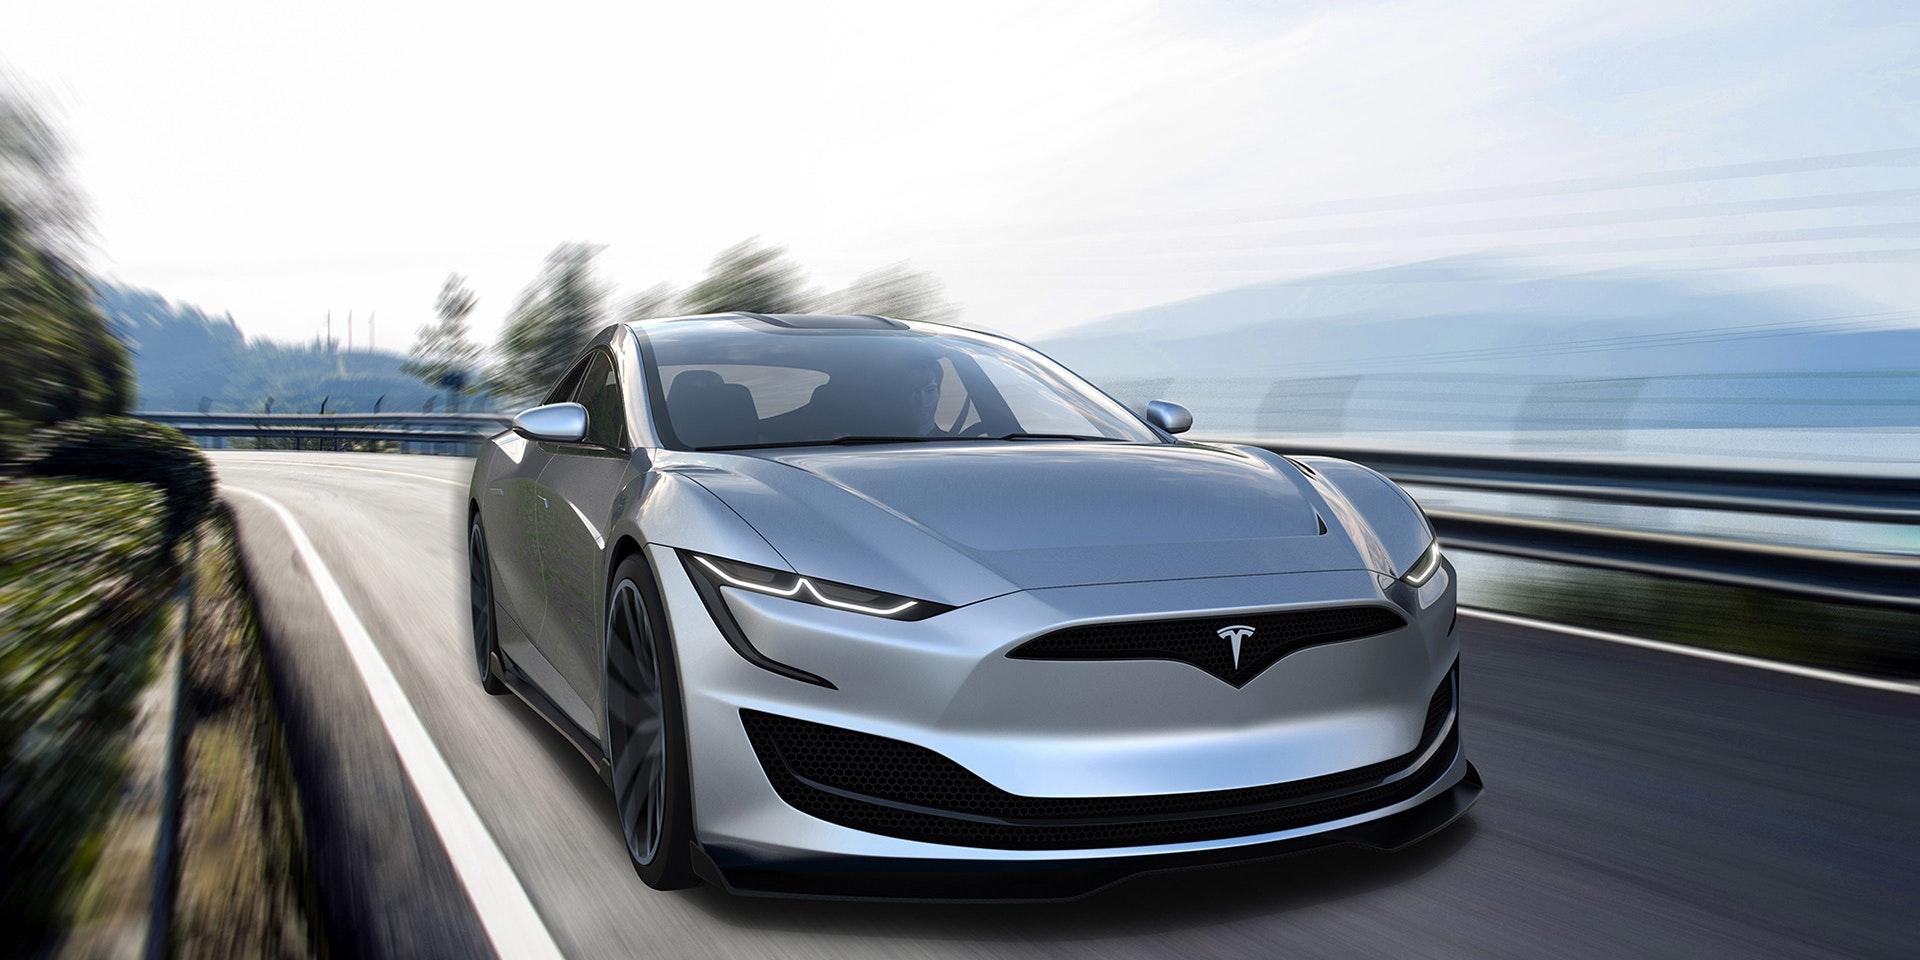 Tesla Roadster 2020 Stunning Concept Render Imagines